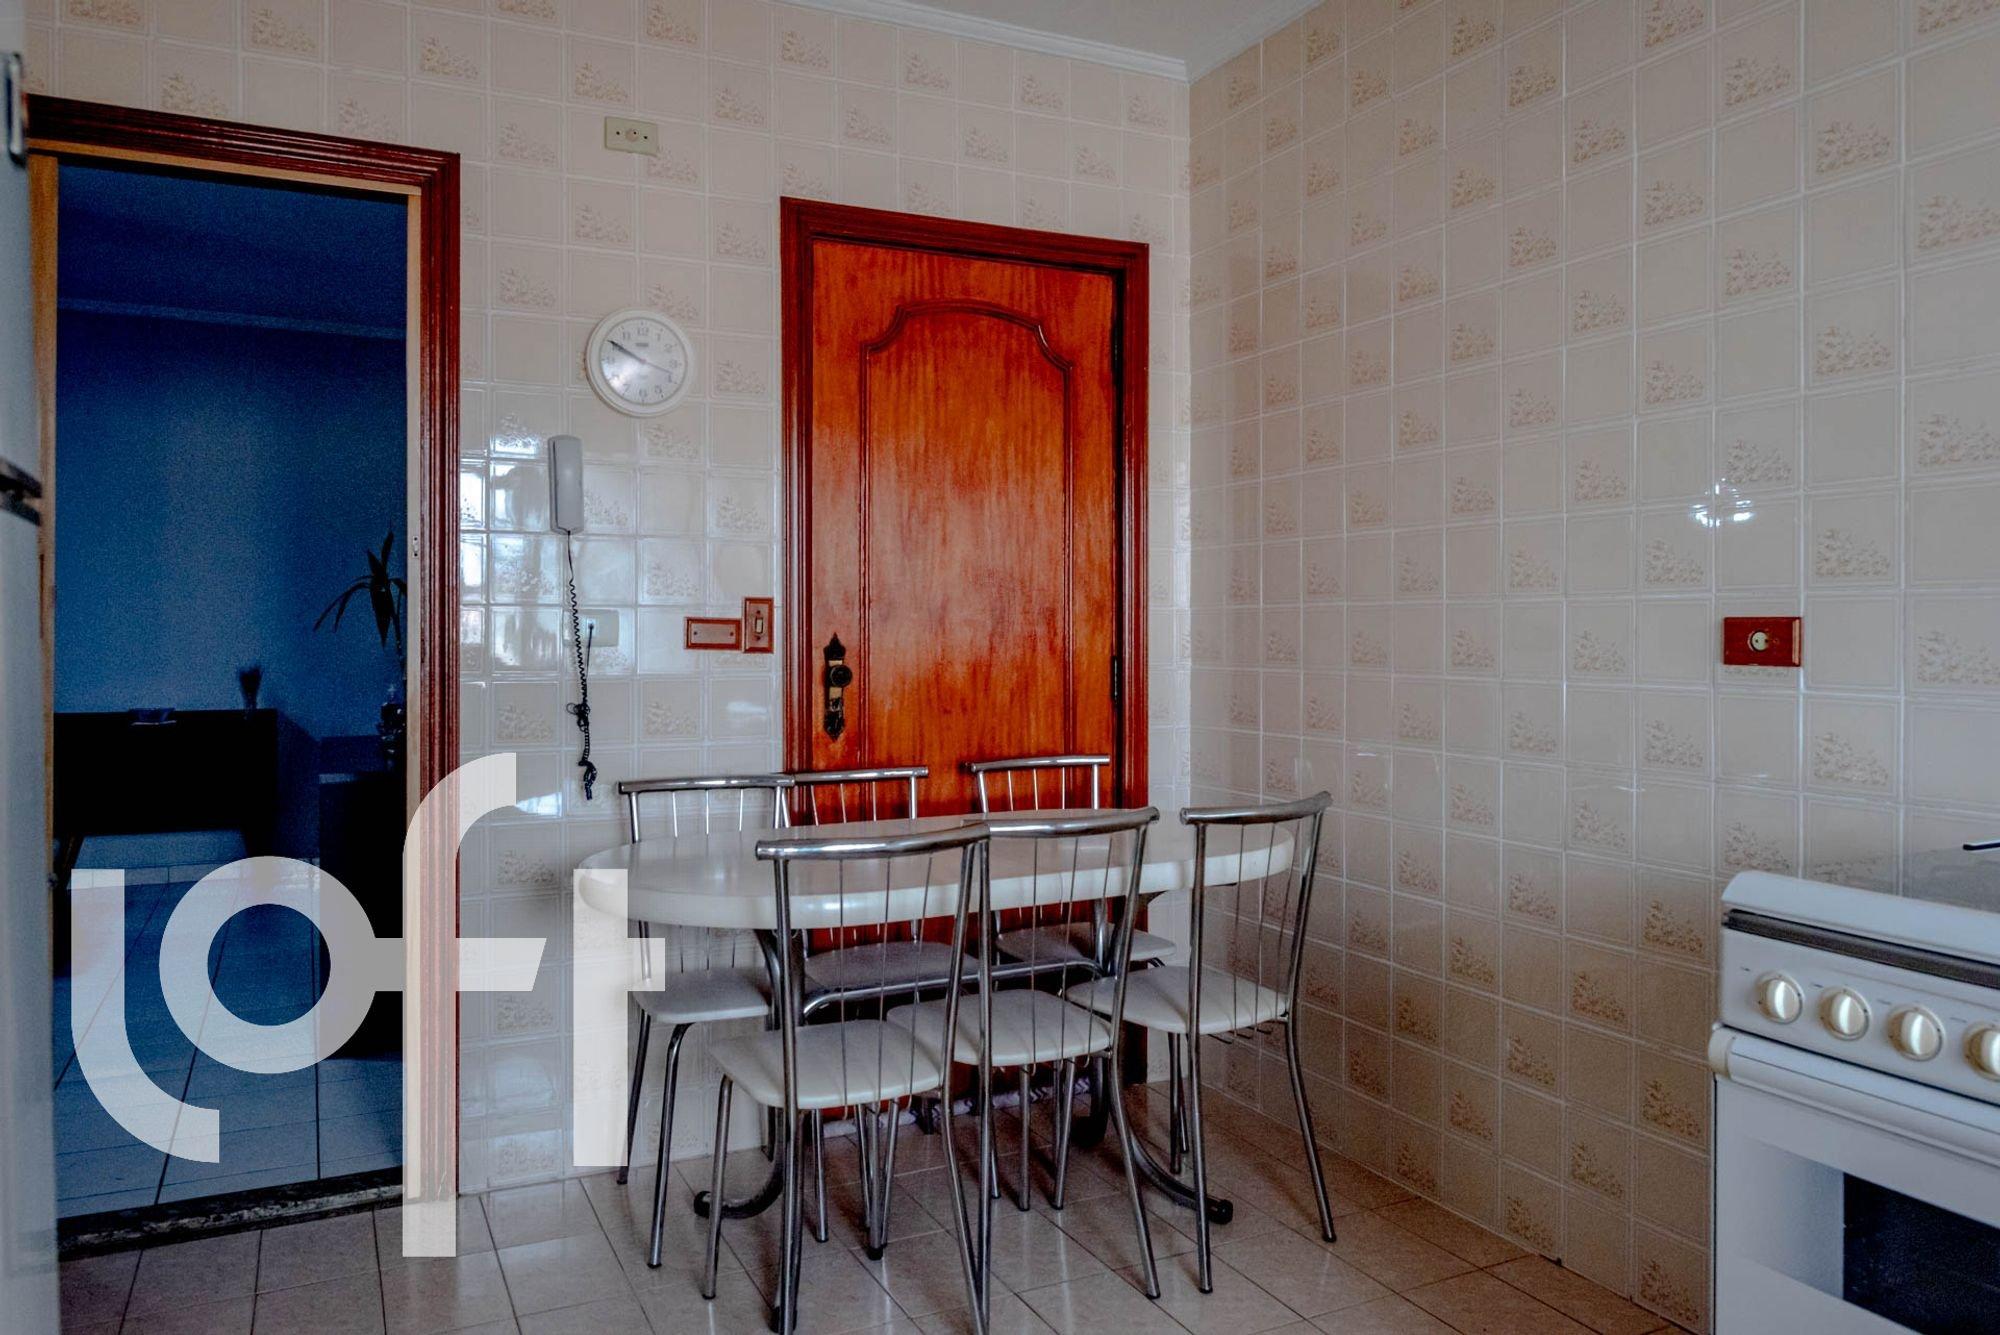 Foto de Cozinha com forno, cadeira, relógio